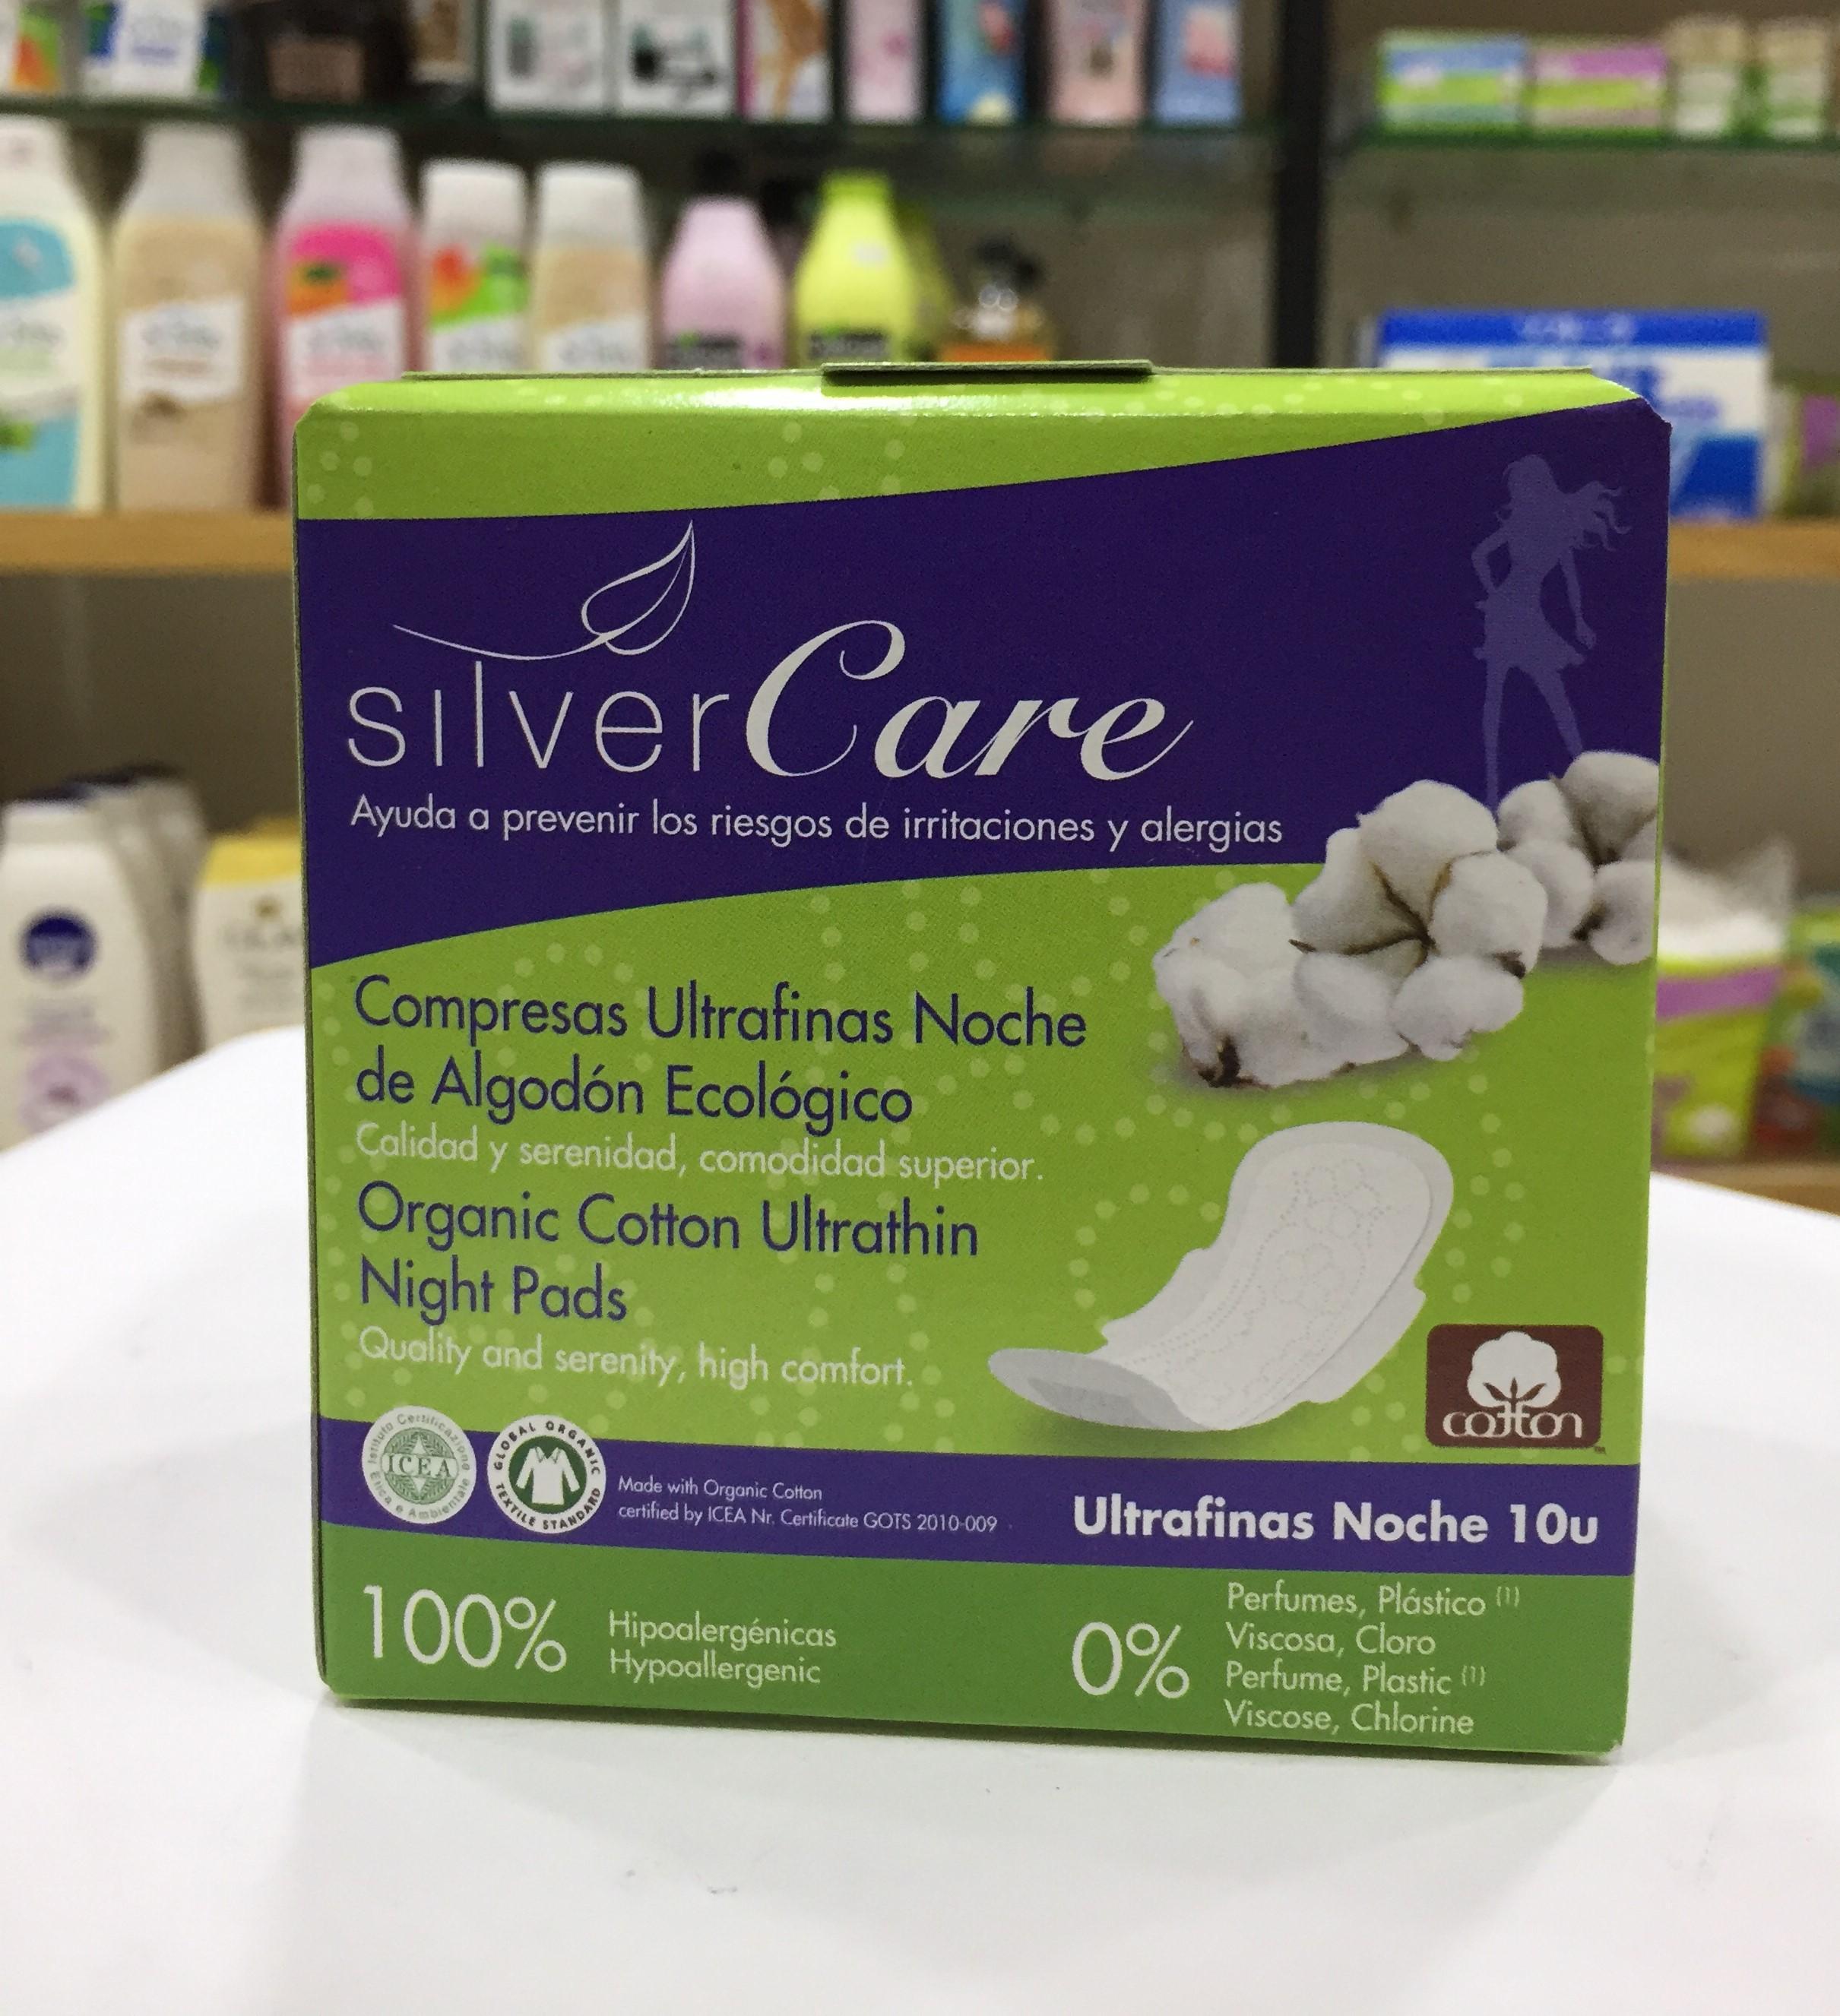 Băng vệ sinh hữu cơ siêu mỏng có cánh ban đêm Silvercare 10 miếng